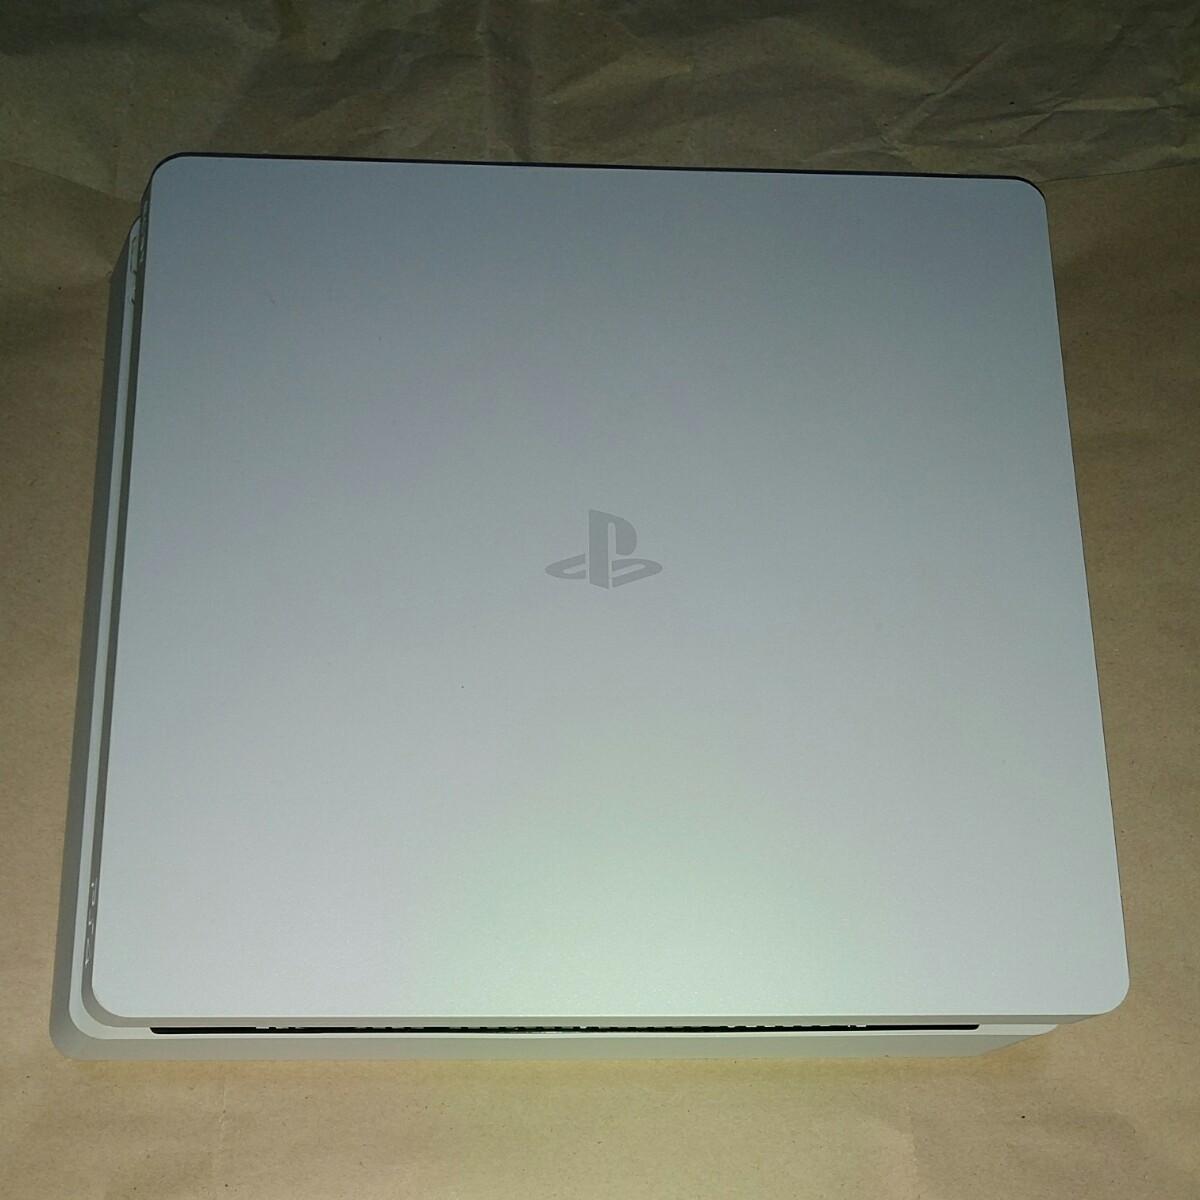 PS4 スリム 動作確認済み PS4本体 白 薄型 グレイシャーホワイト